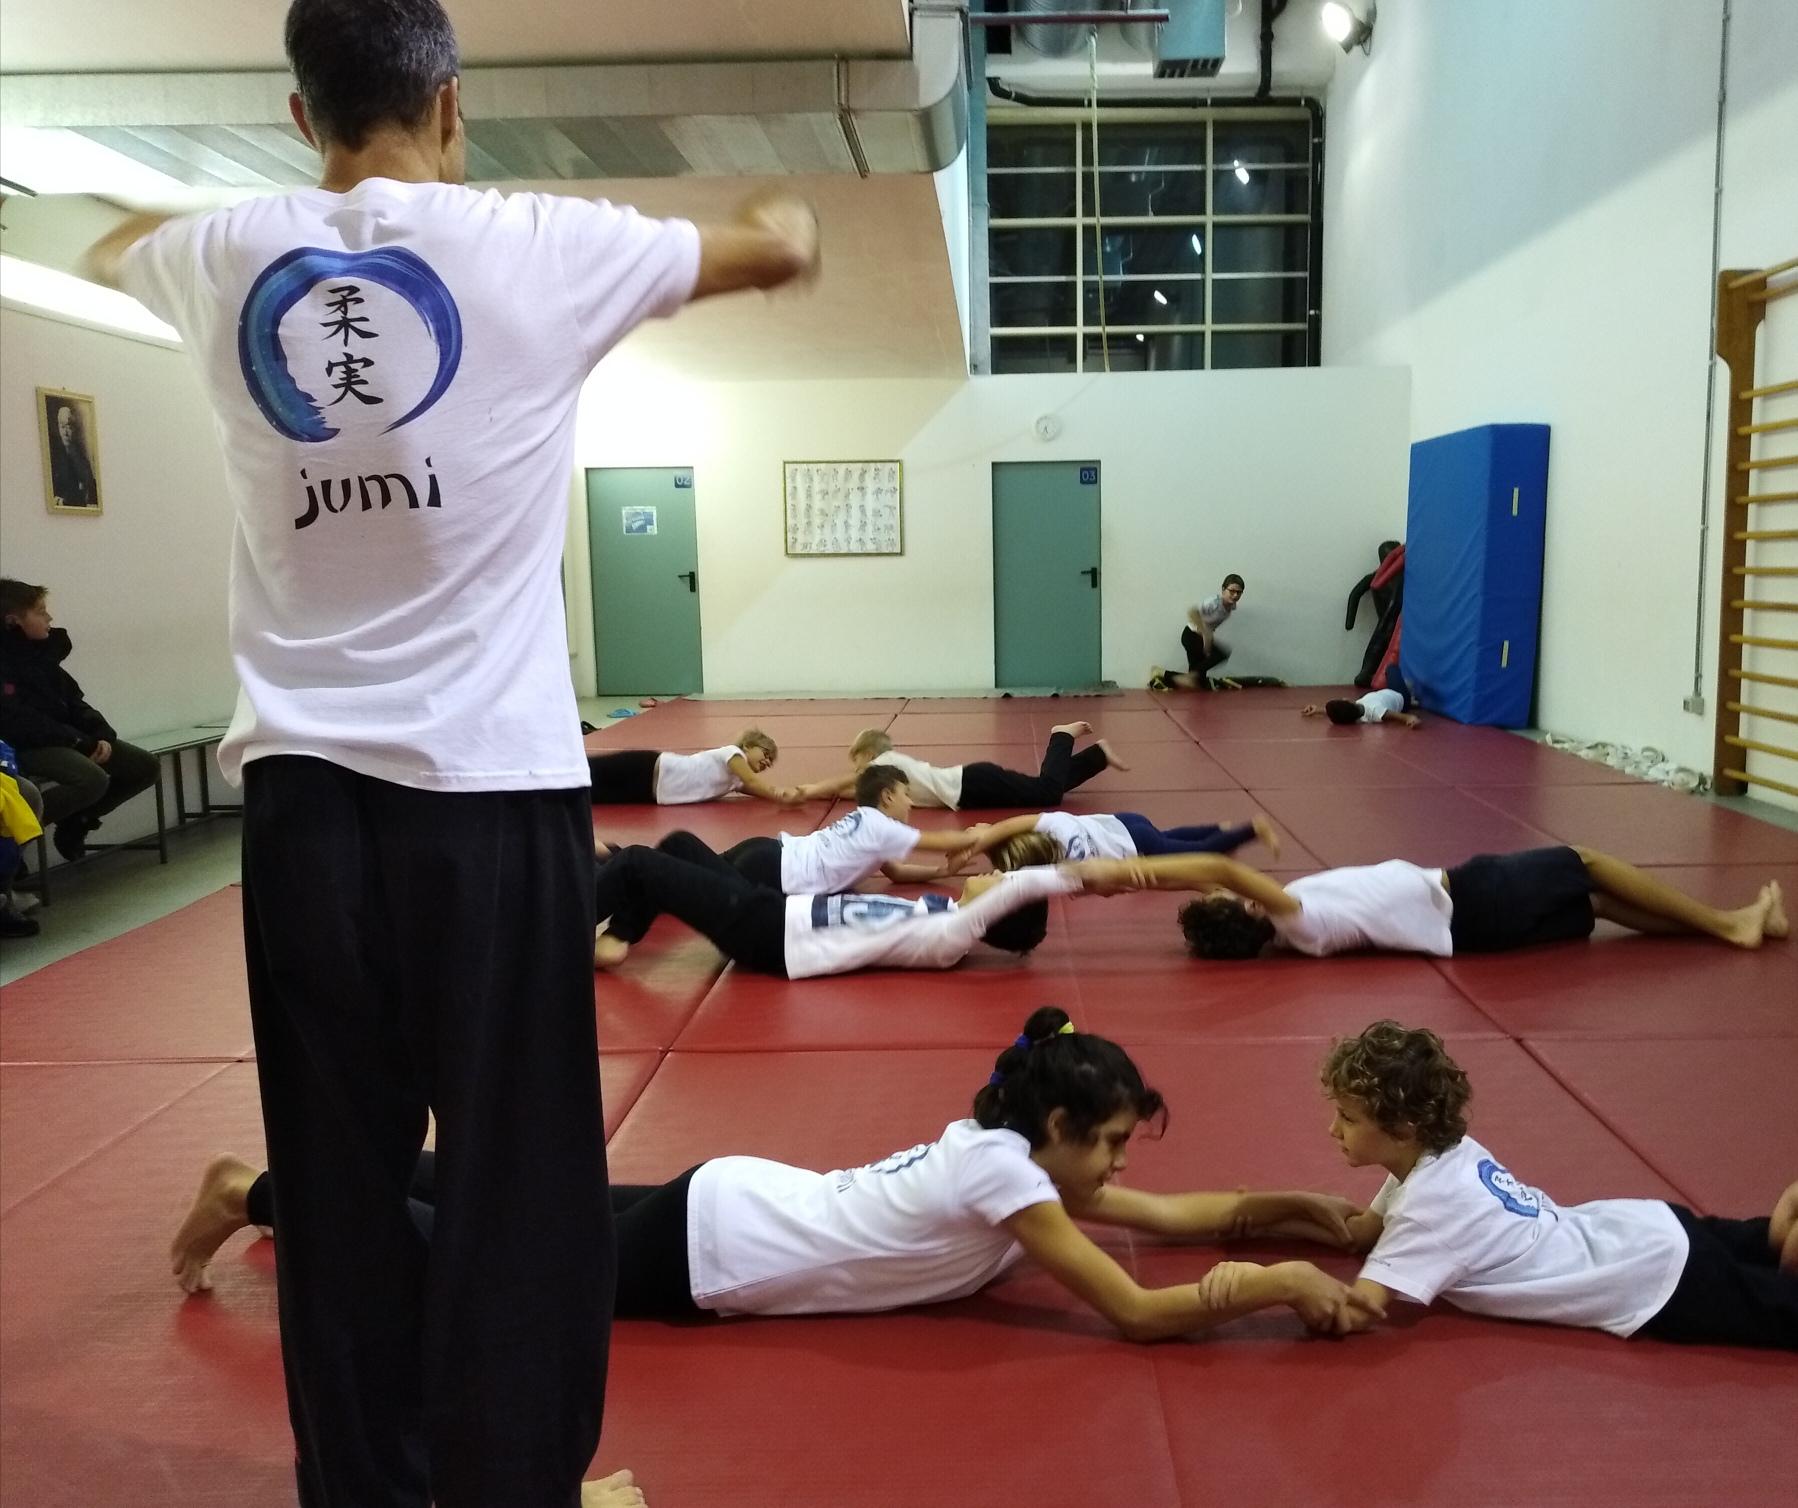 Jumi session in Trento, Italy